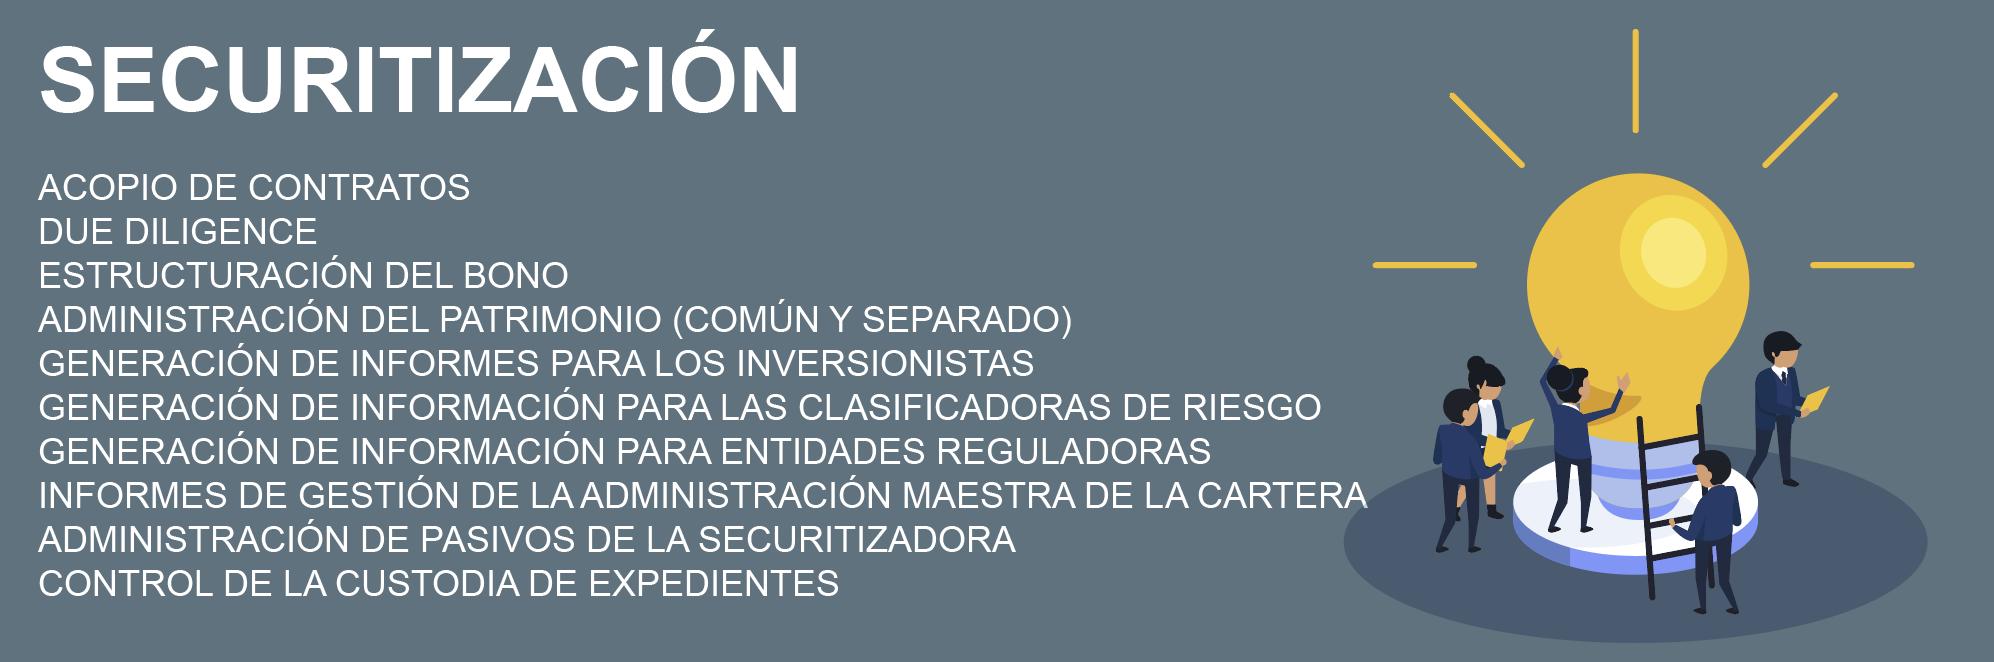 securitizcion.png